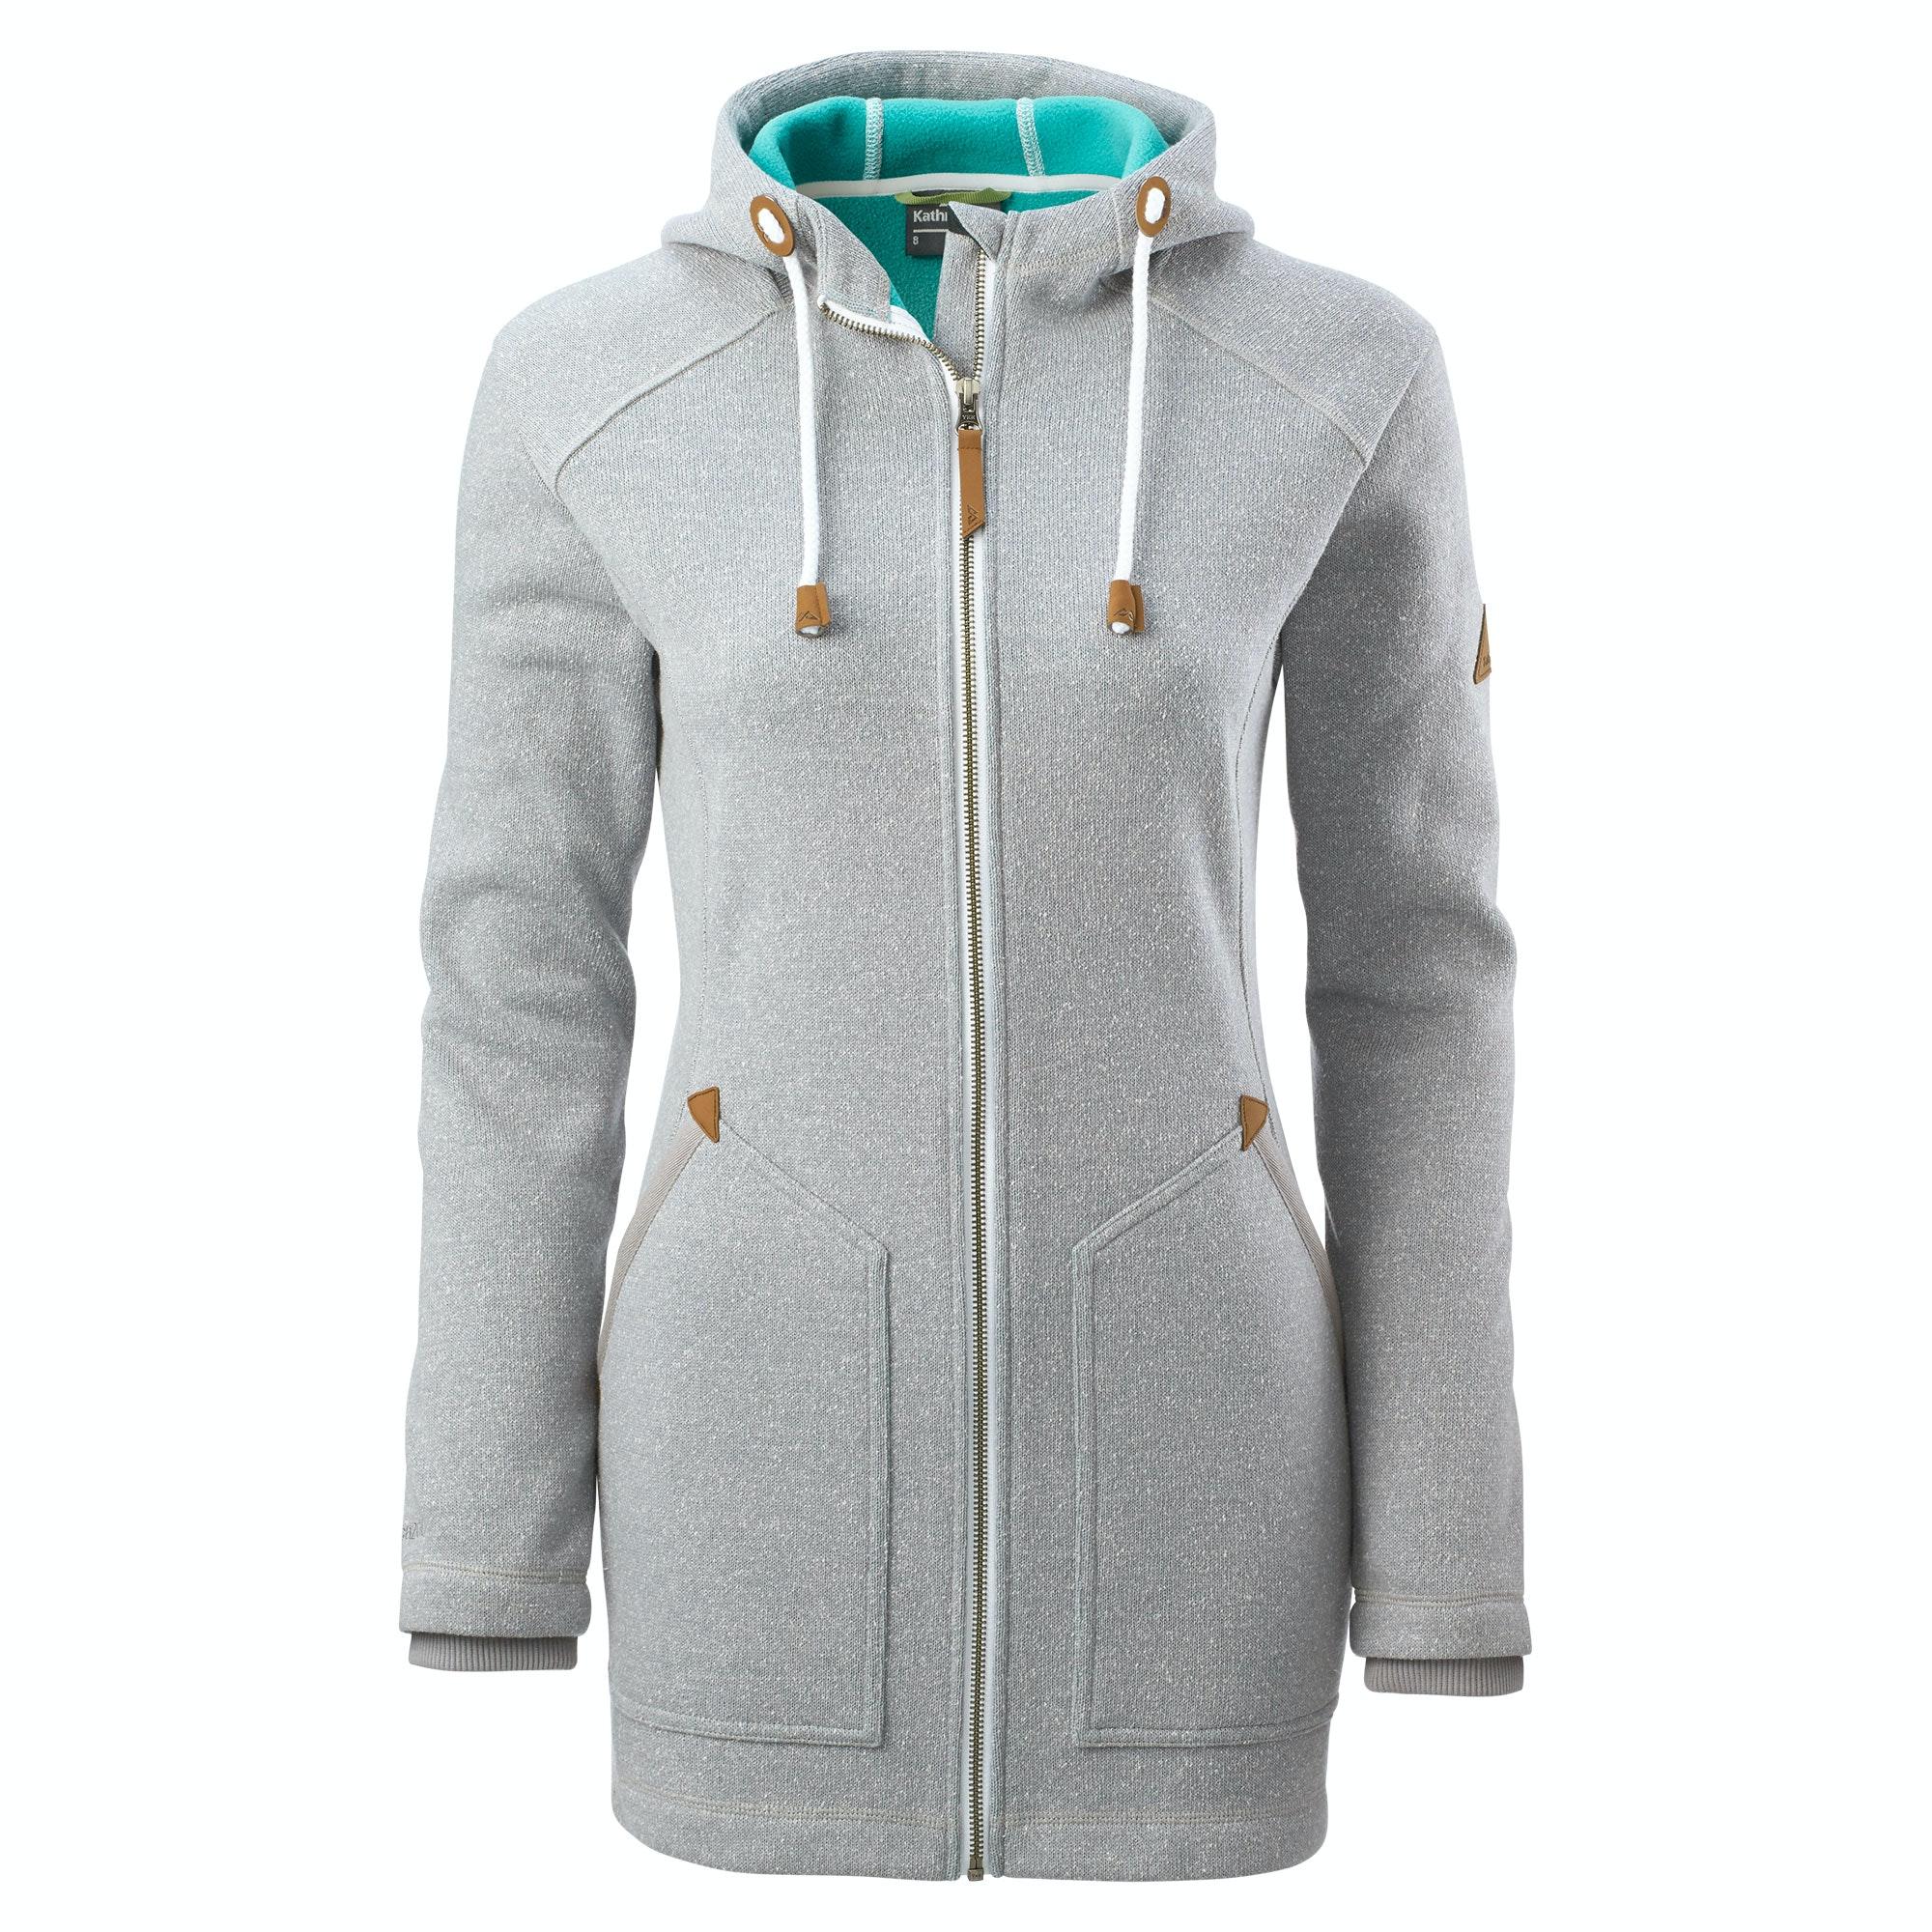 Flaxmere Women's Longline Fleece Jacket